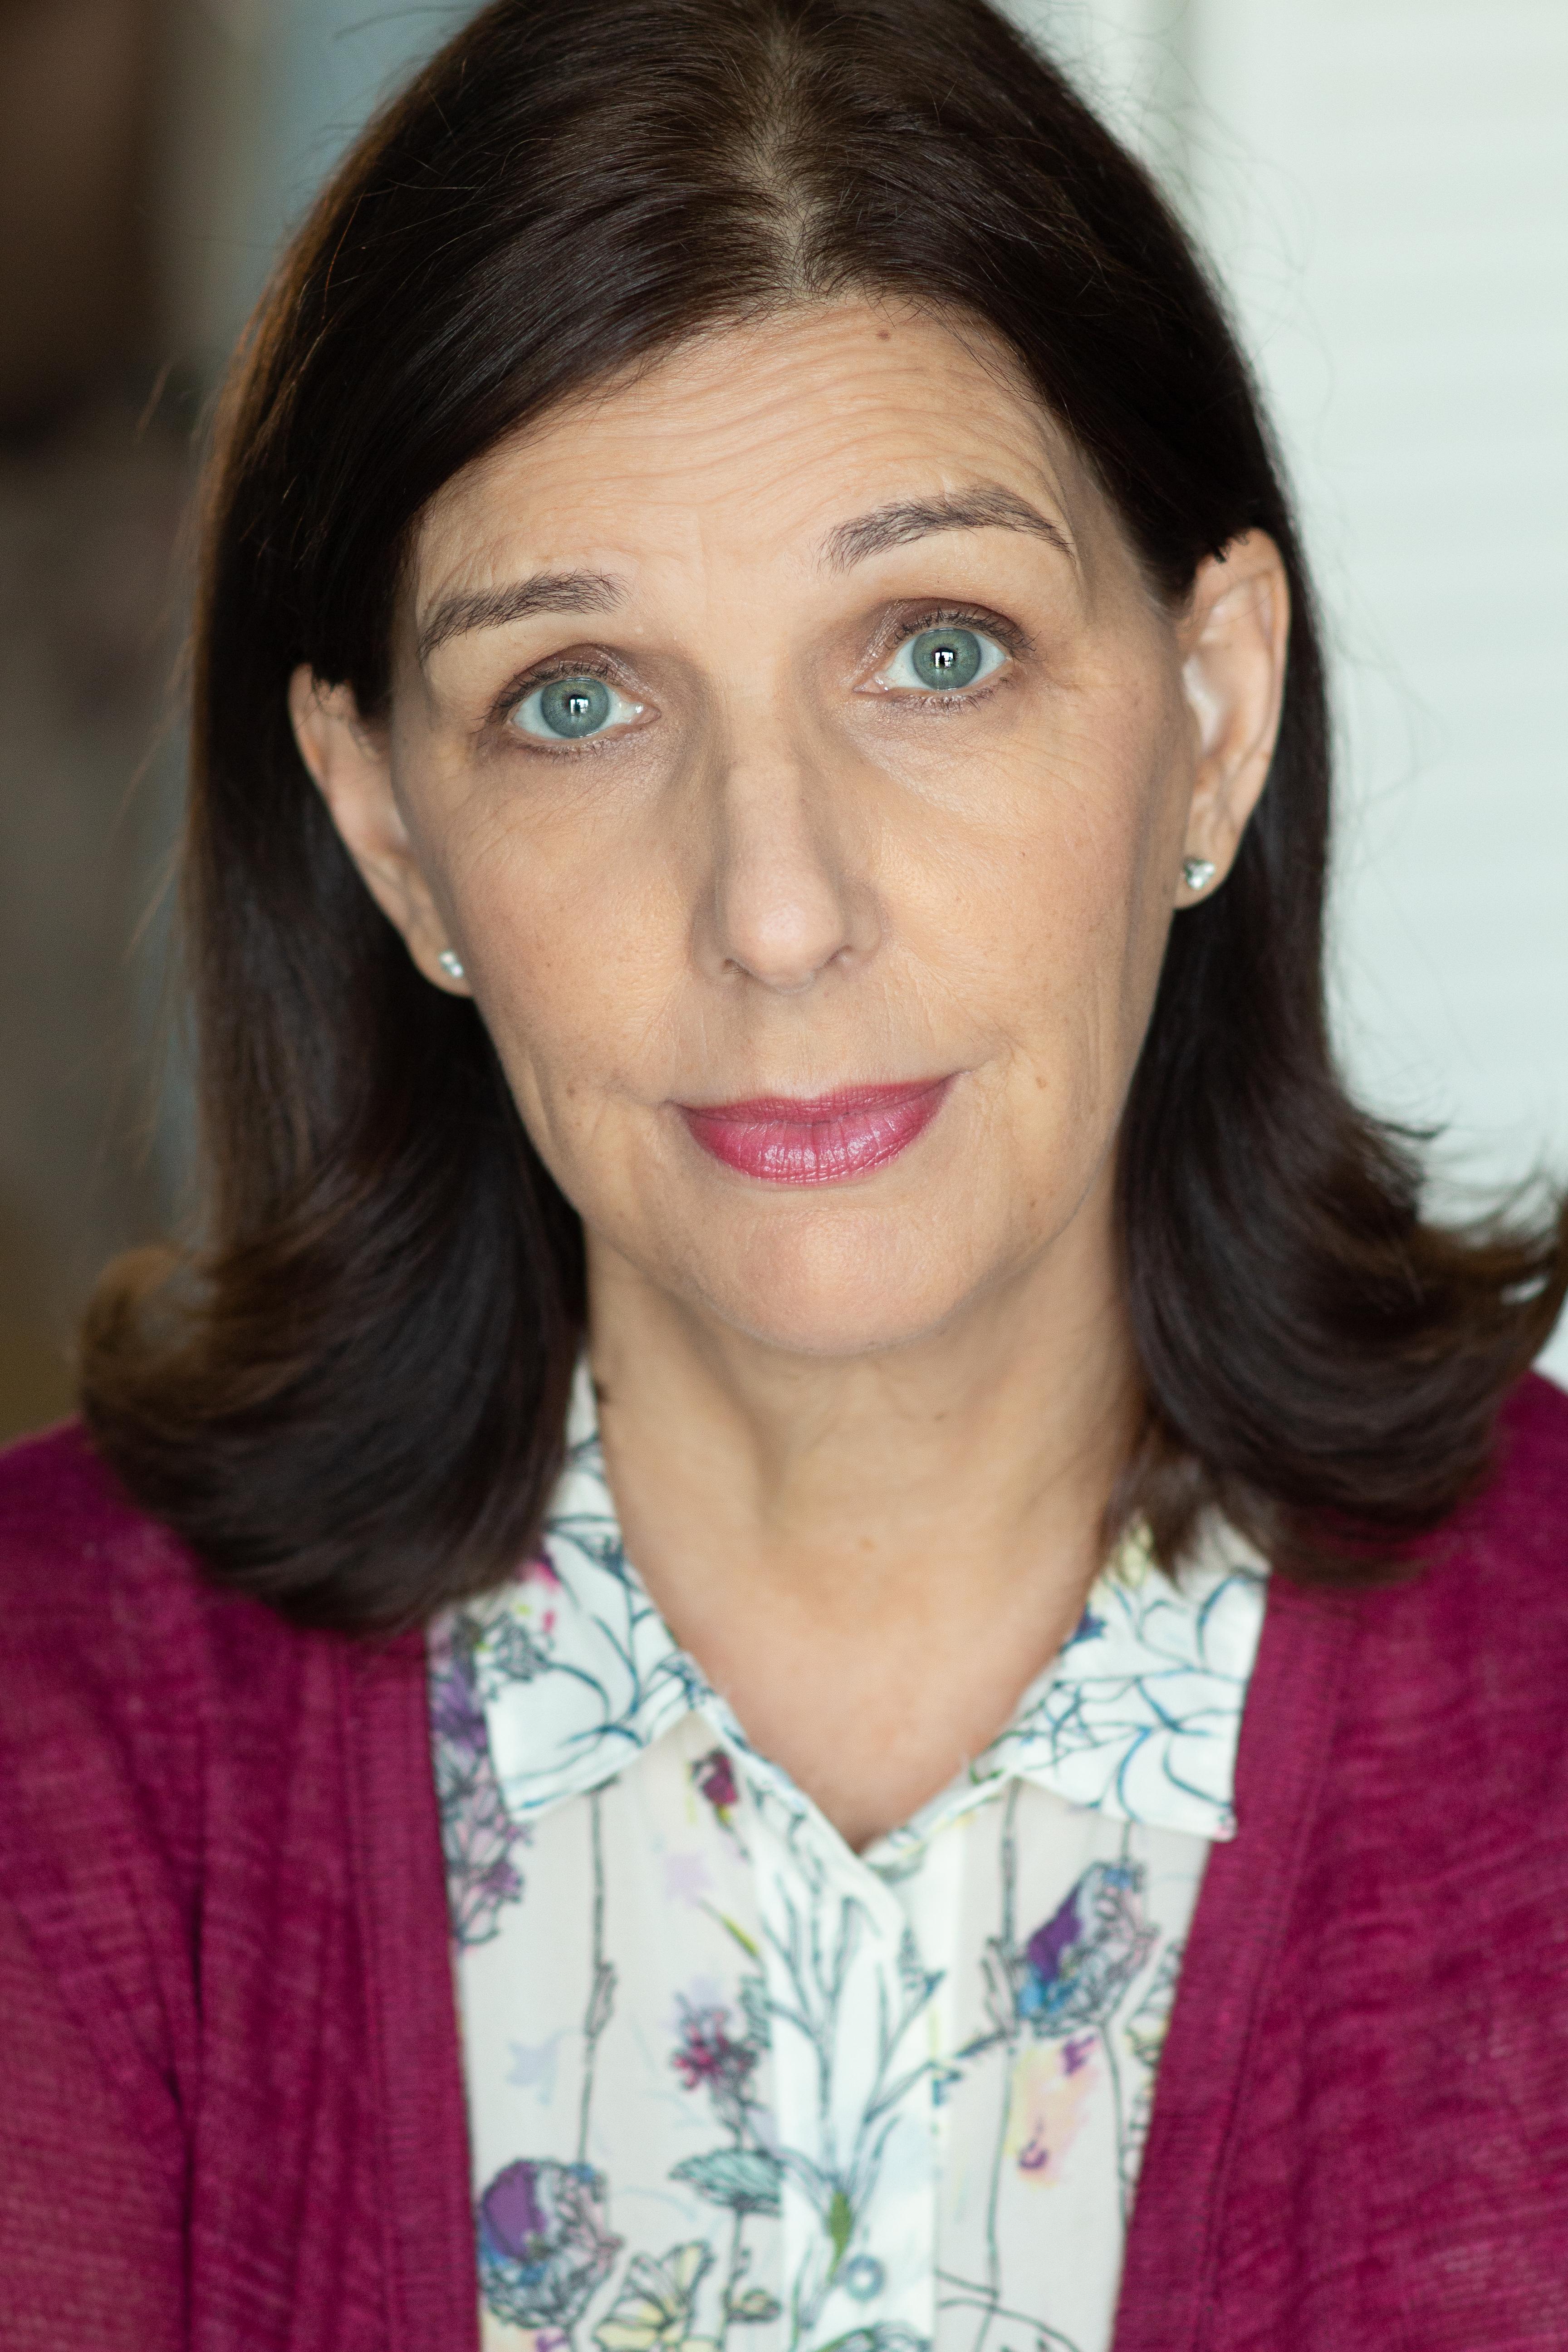 Tammy Perks 9